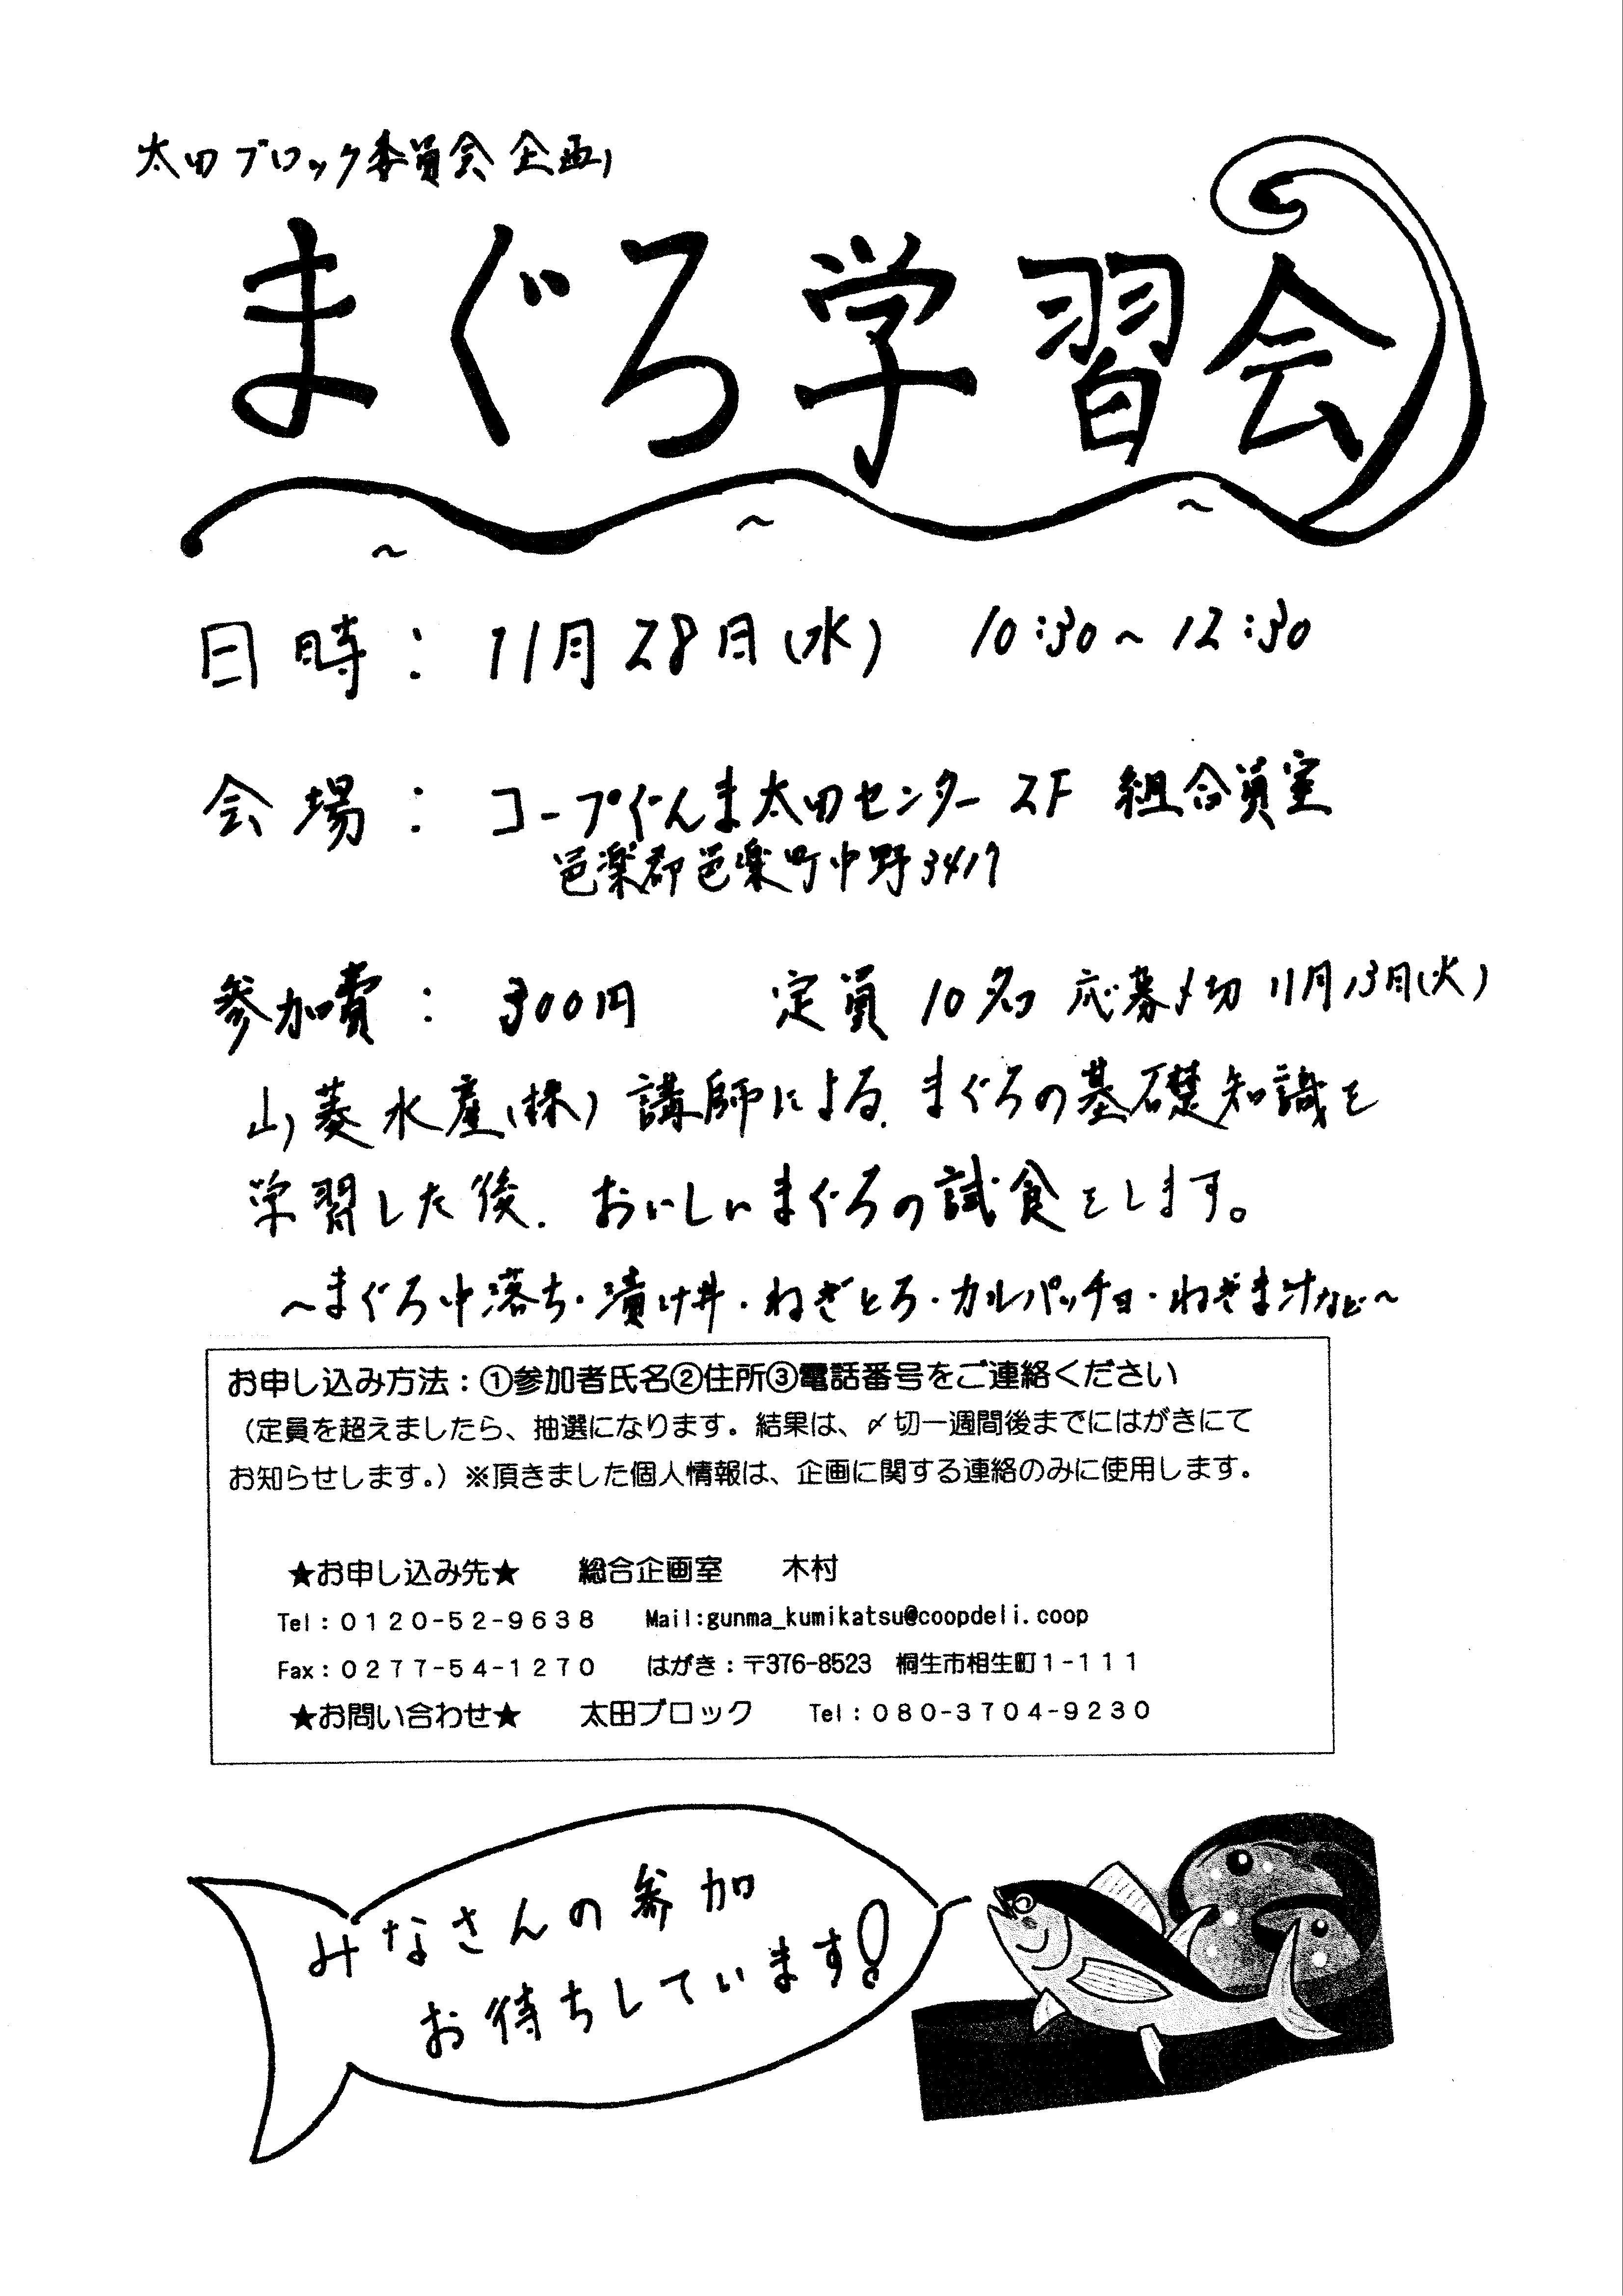 【第2太田ブロック】「まぐろ学習会」開催のお知らせ